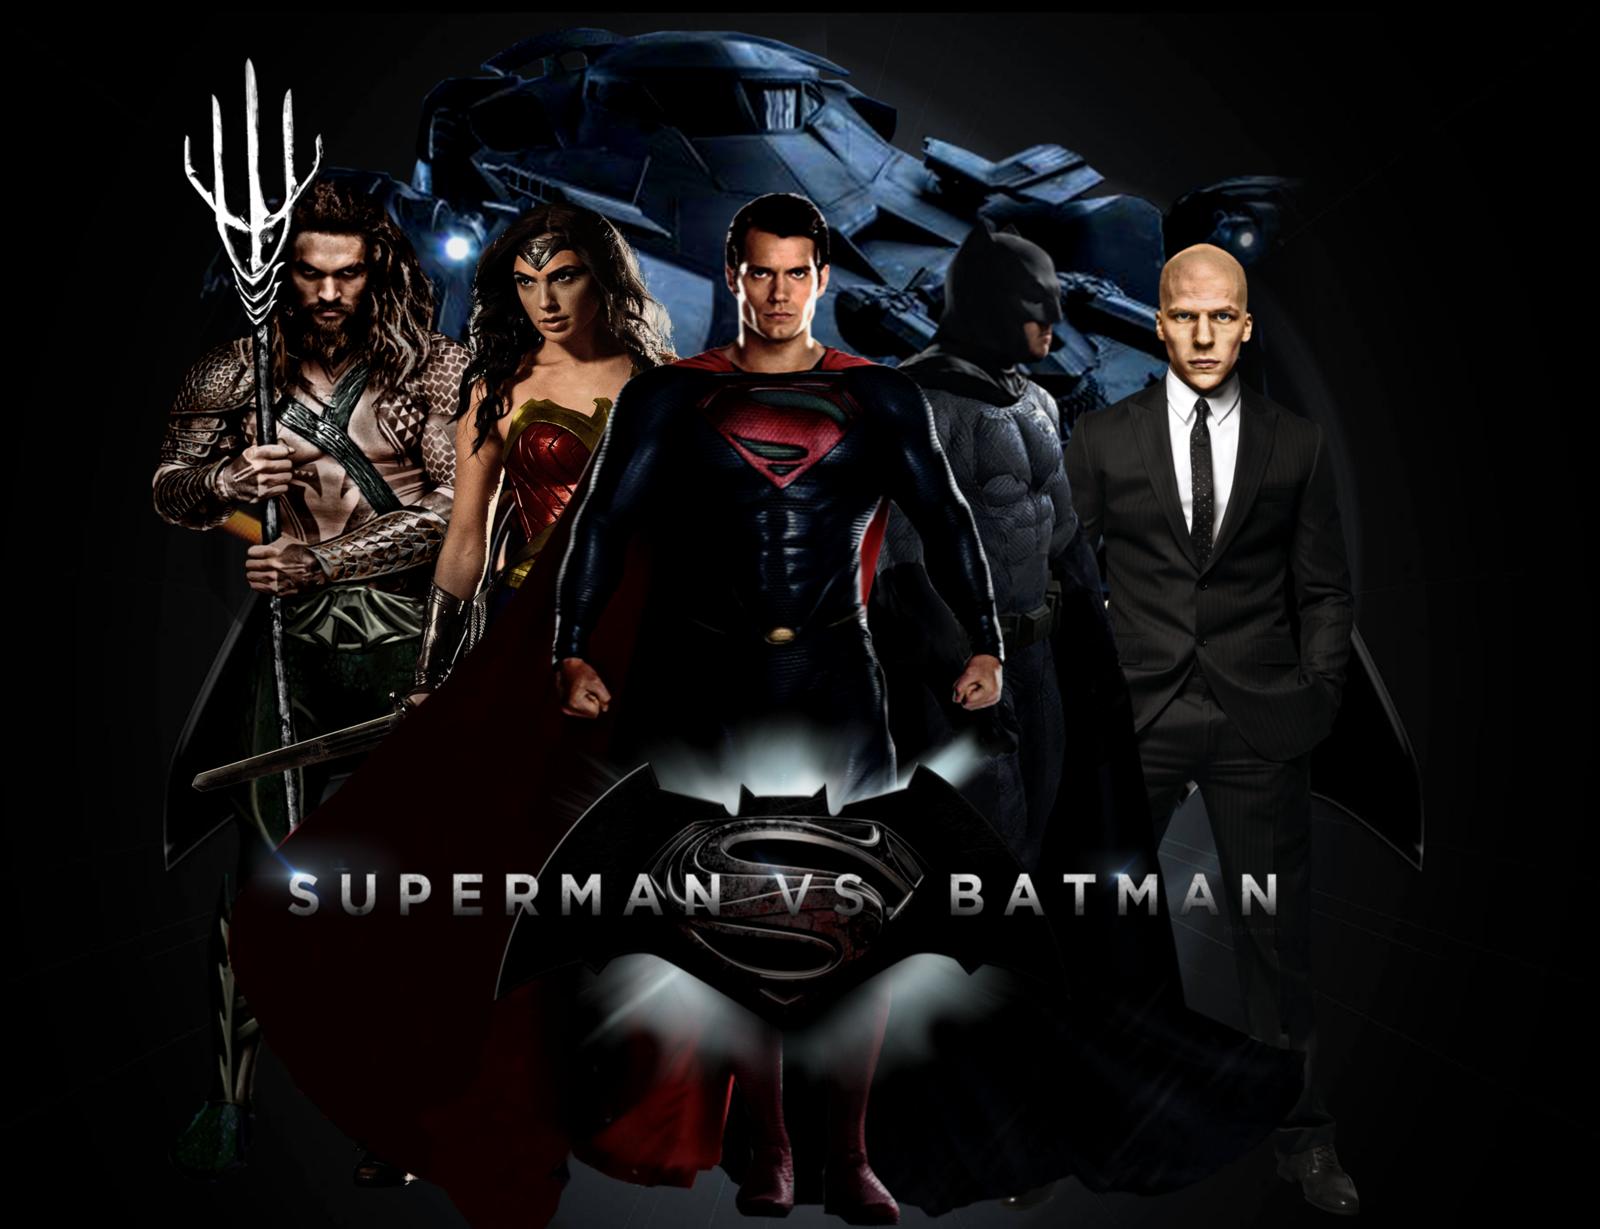 Batman V Superman Clipart 1080p.